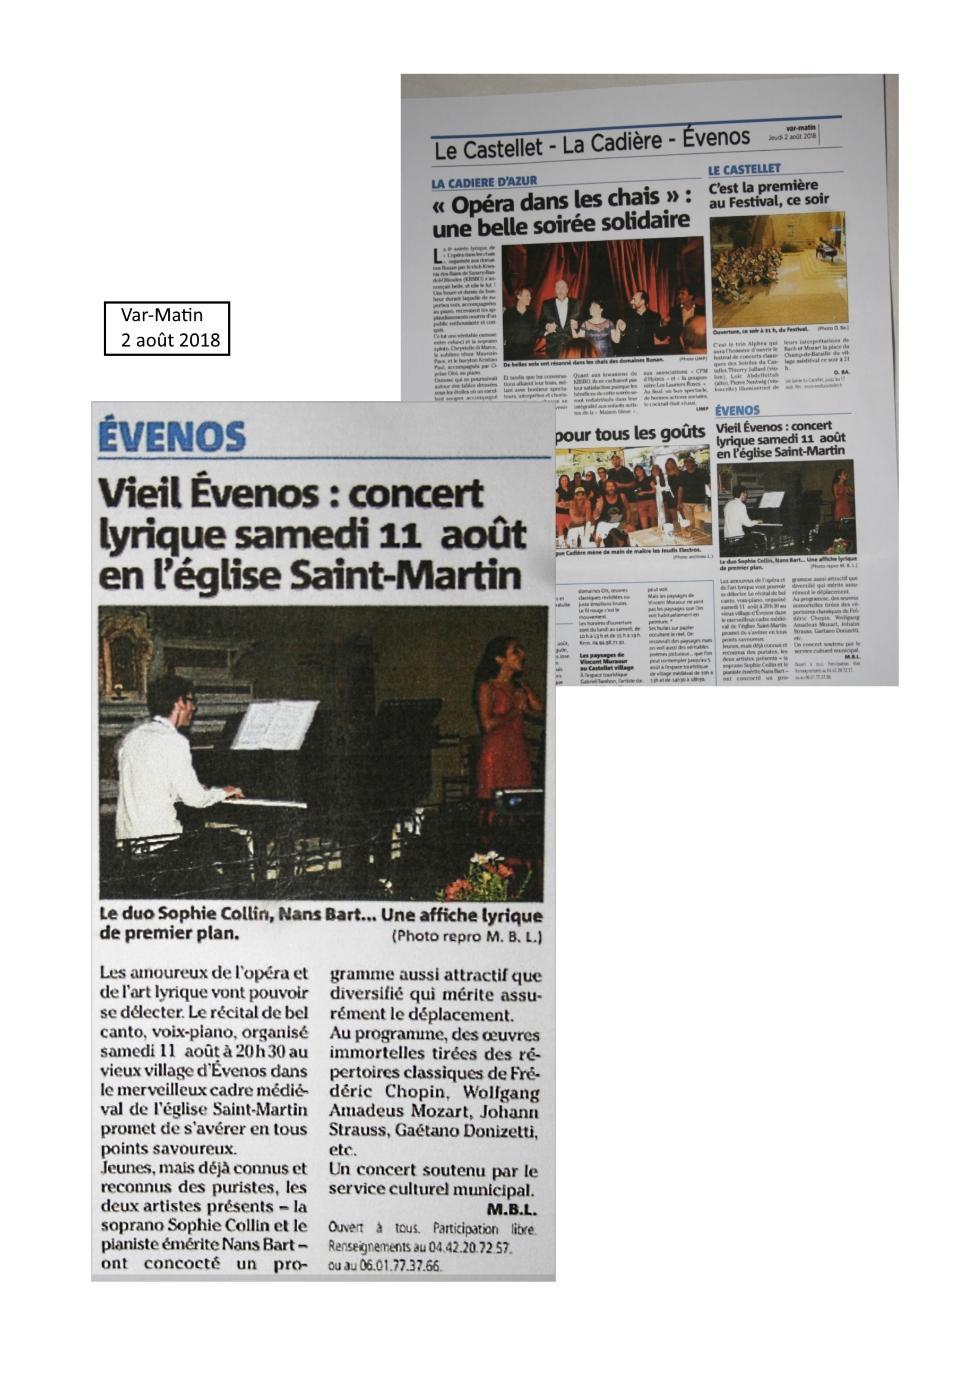 Concert de à Musique le 11 août Évenos, Nans bart piano et Sophie Collin soprano